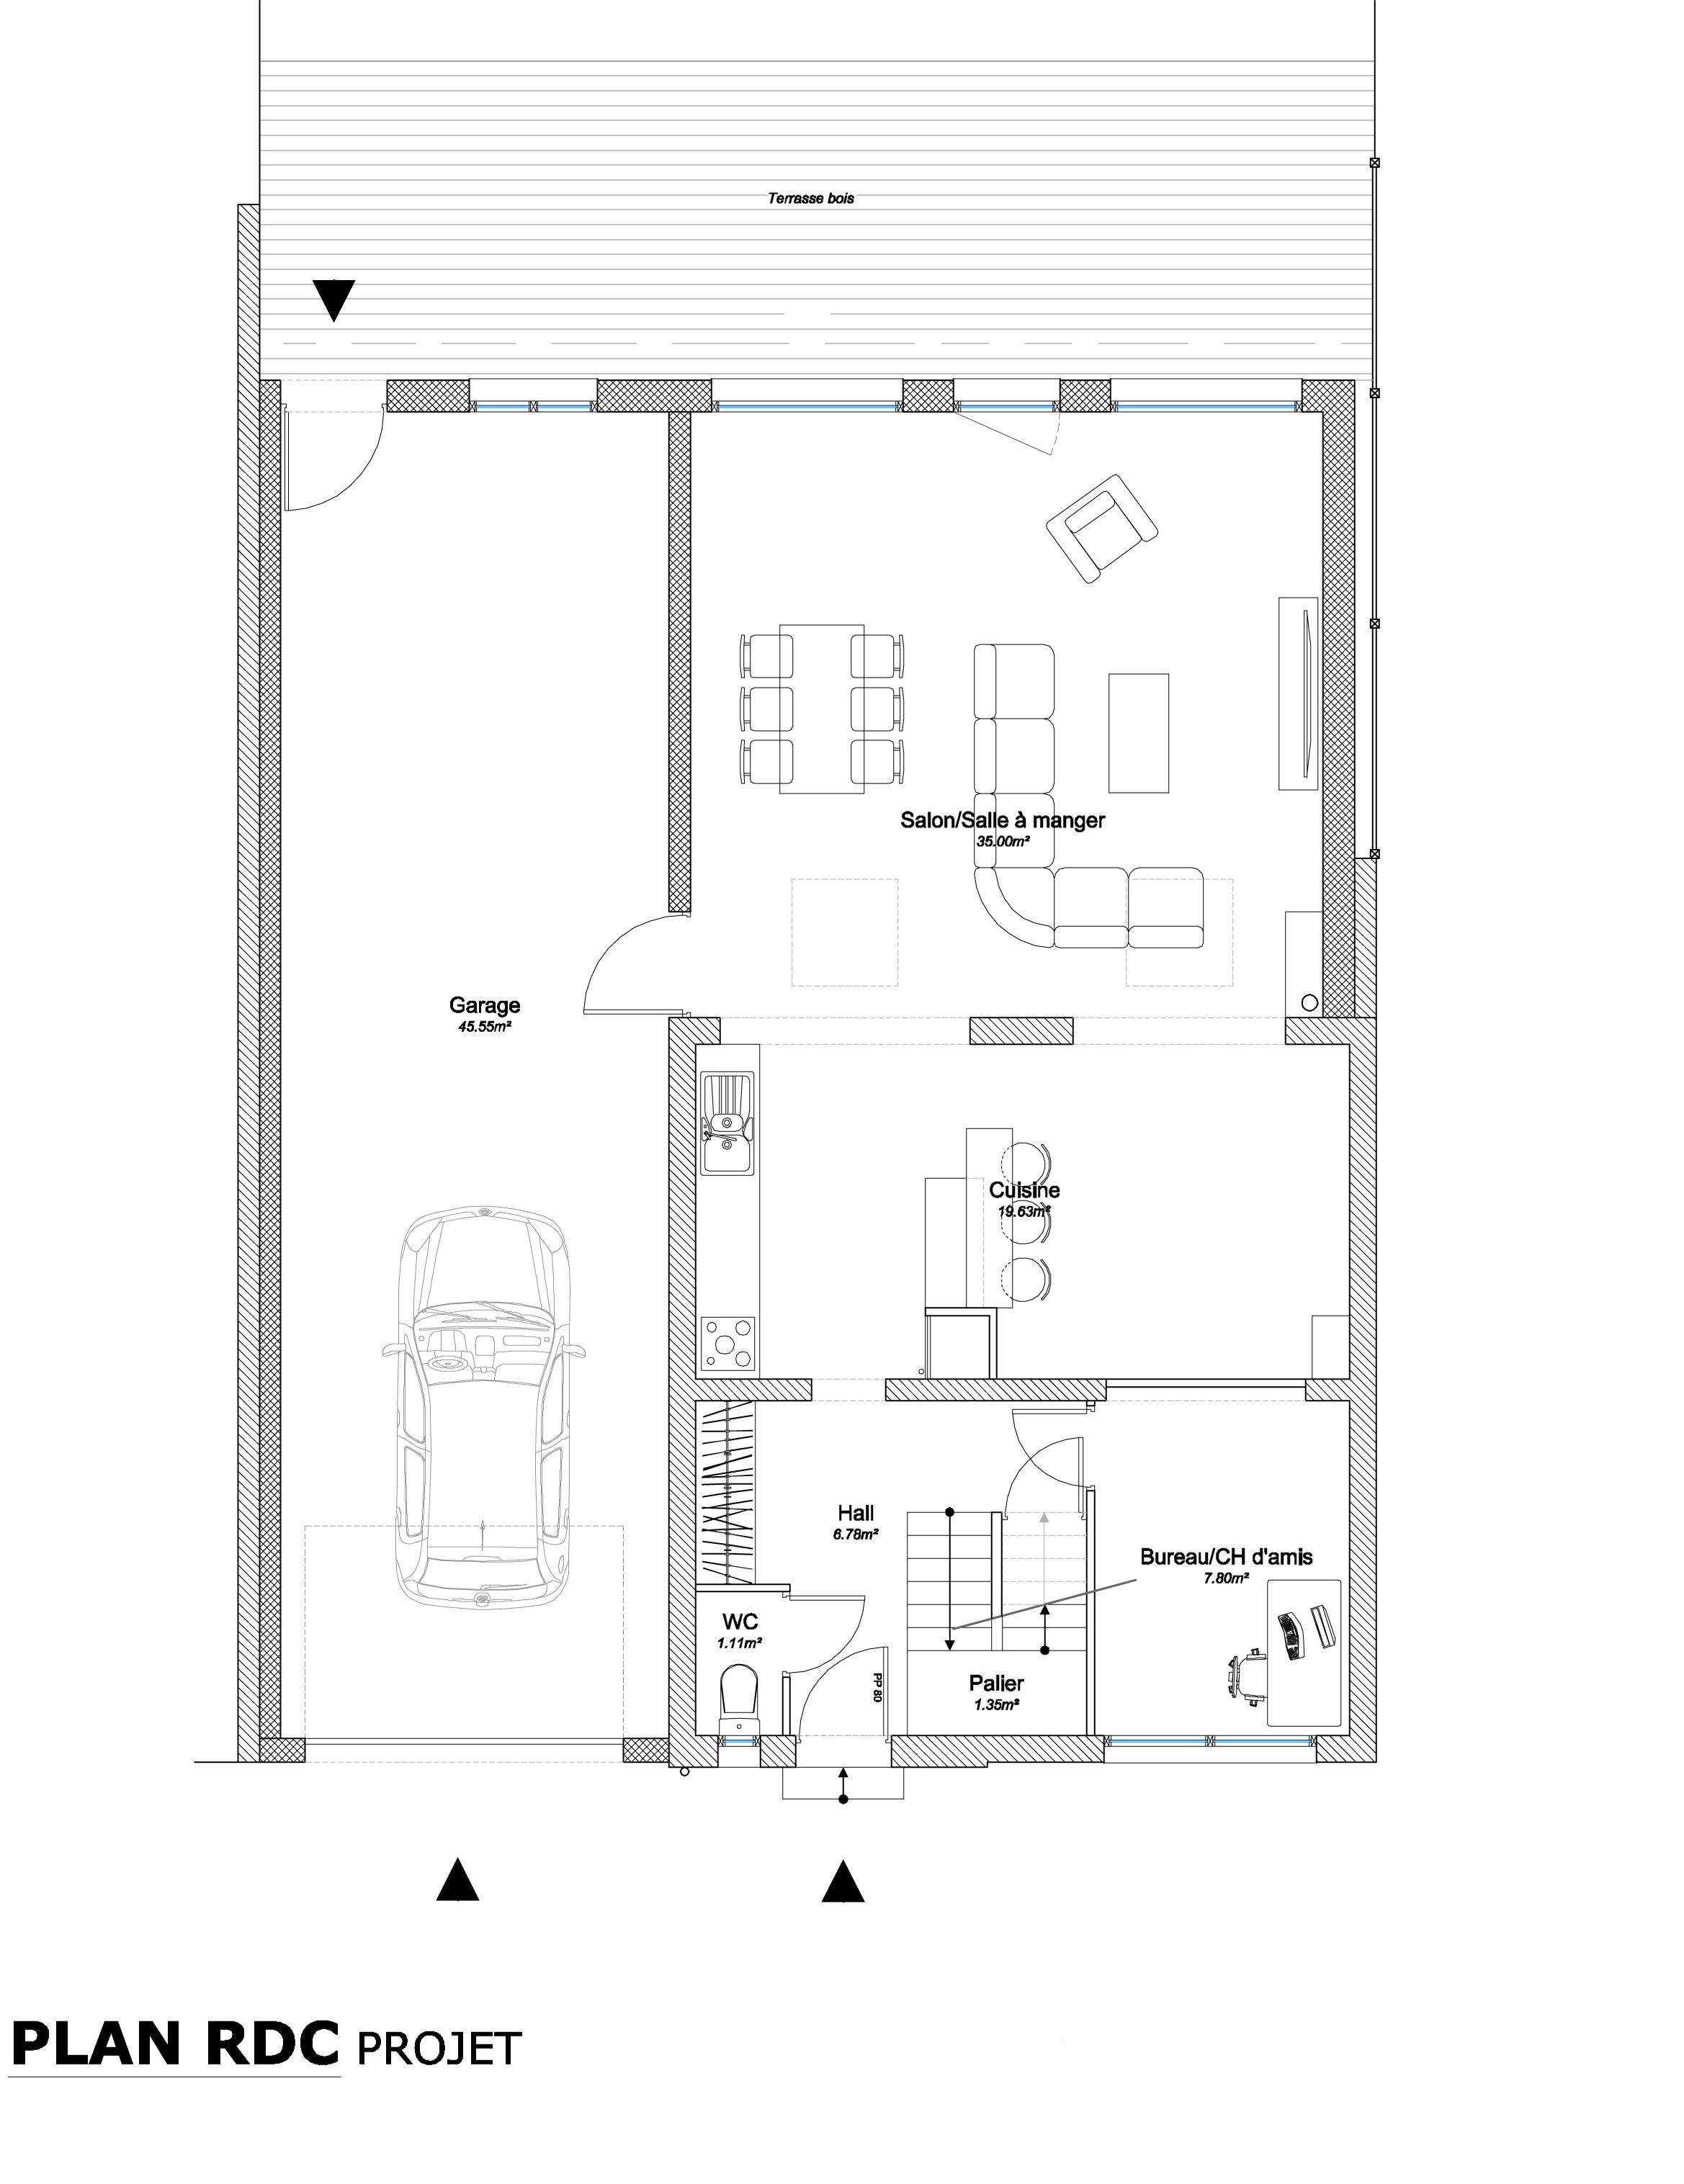 15.26 Extension maison permis de construire nord Valenciennes7